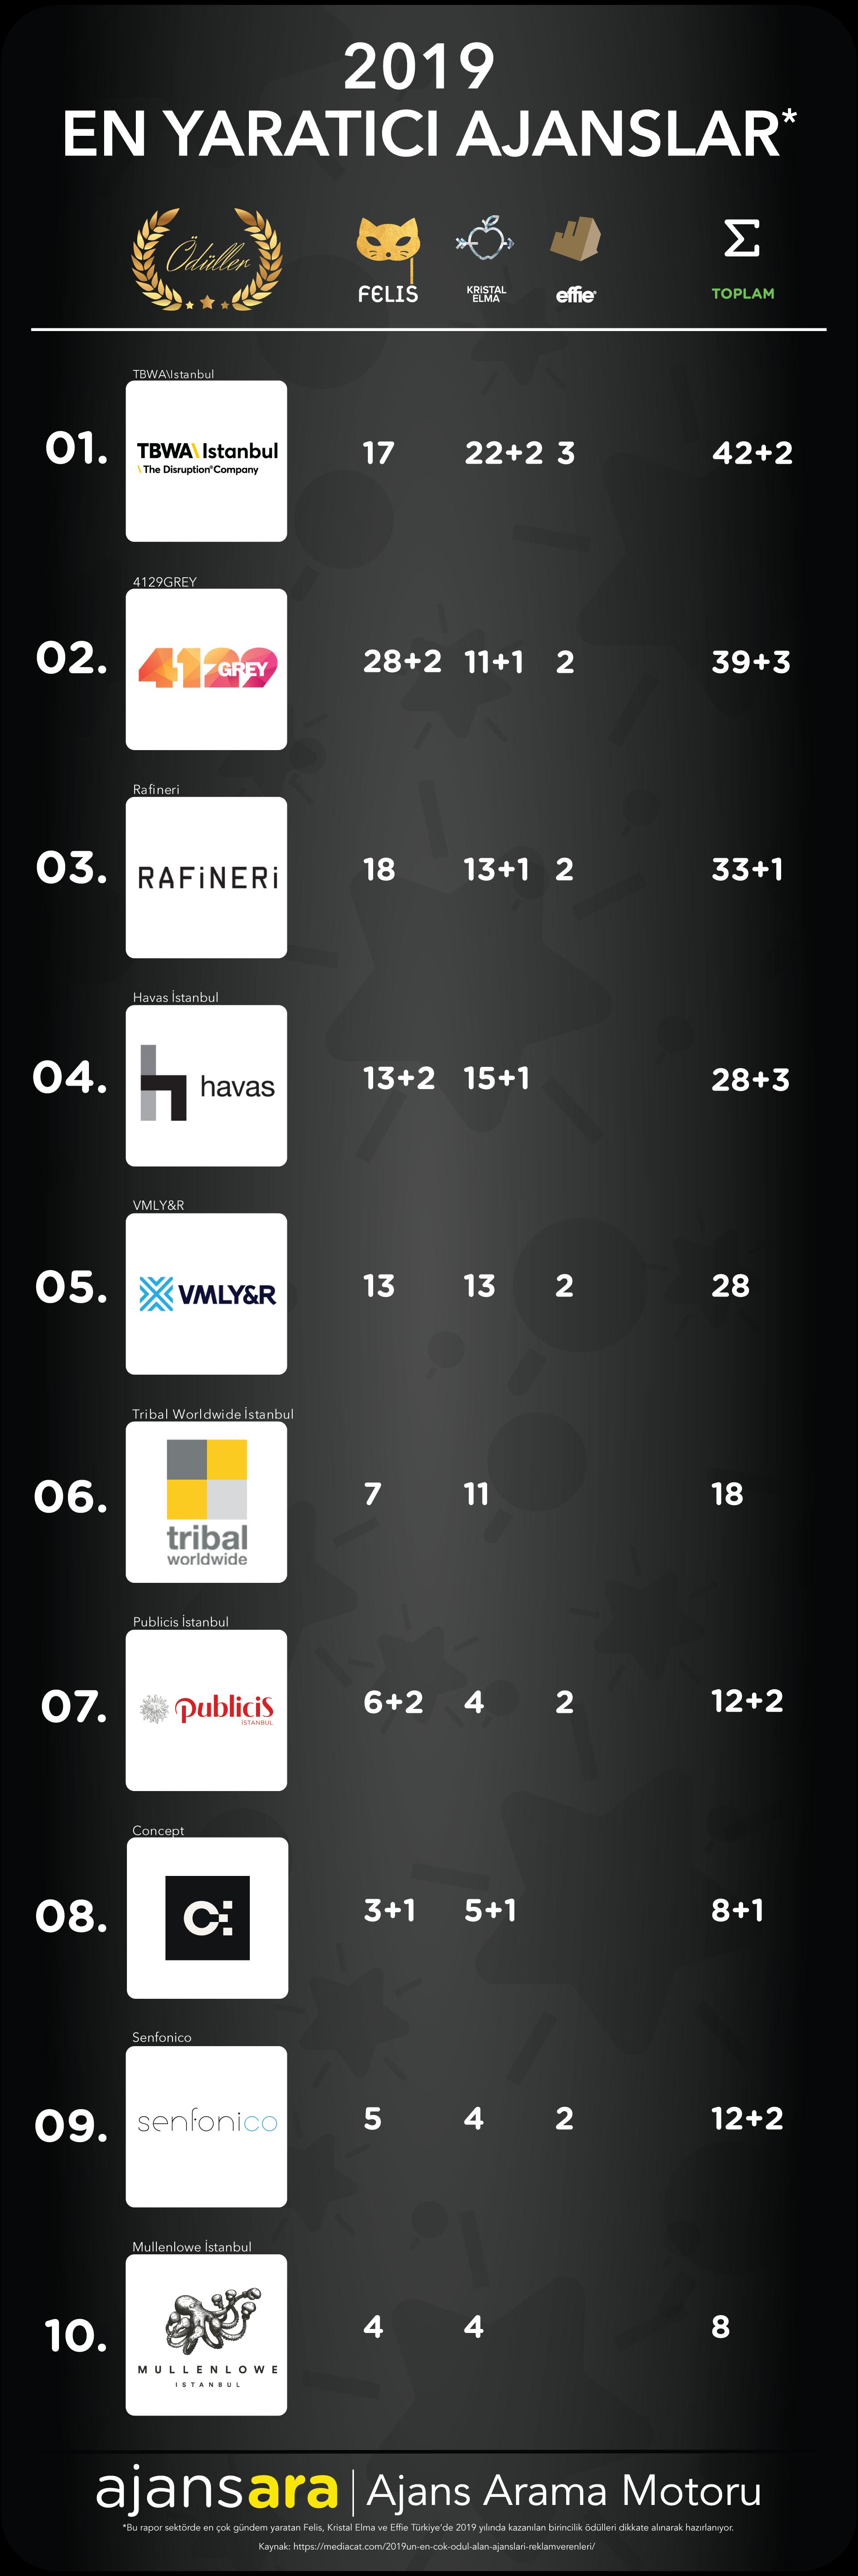 2019 en yarat%C4%B1c%C4%B1 ajanslar ve reklamverenler ajansara 1 en iyi ajanslar istanbul ajansbul ajans ara